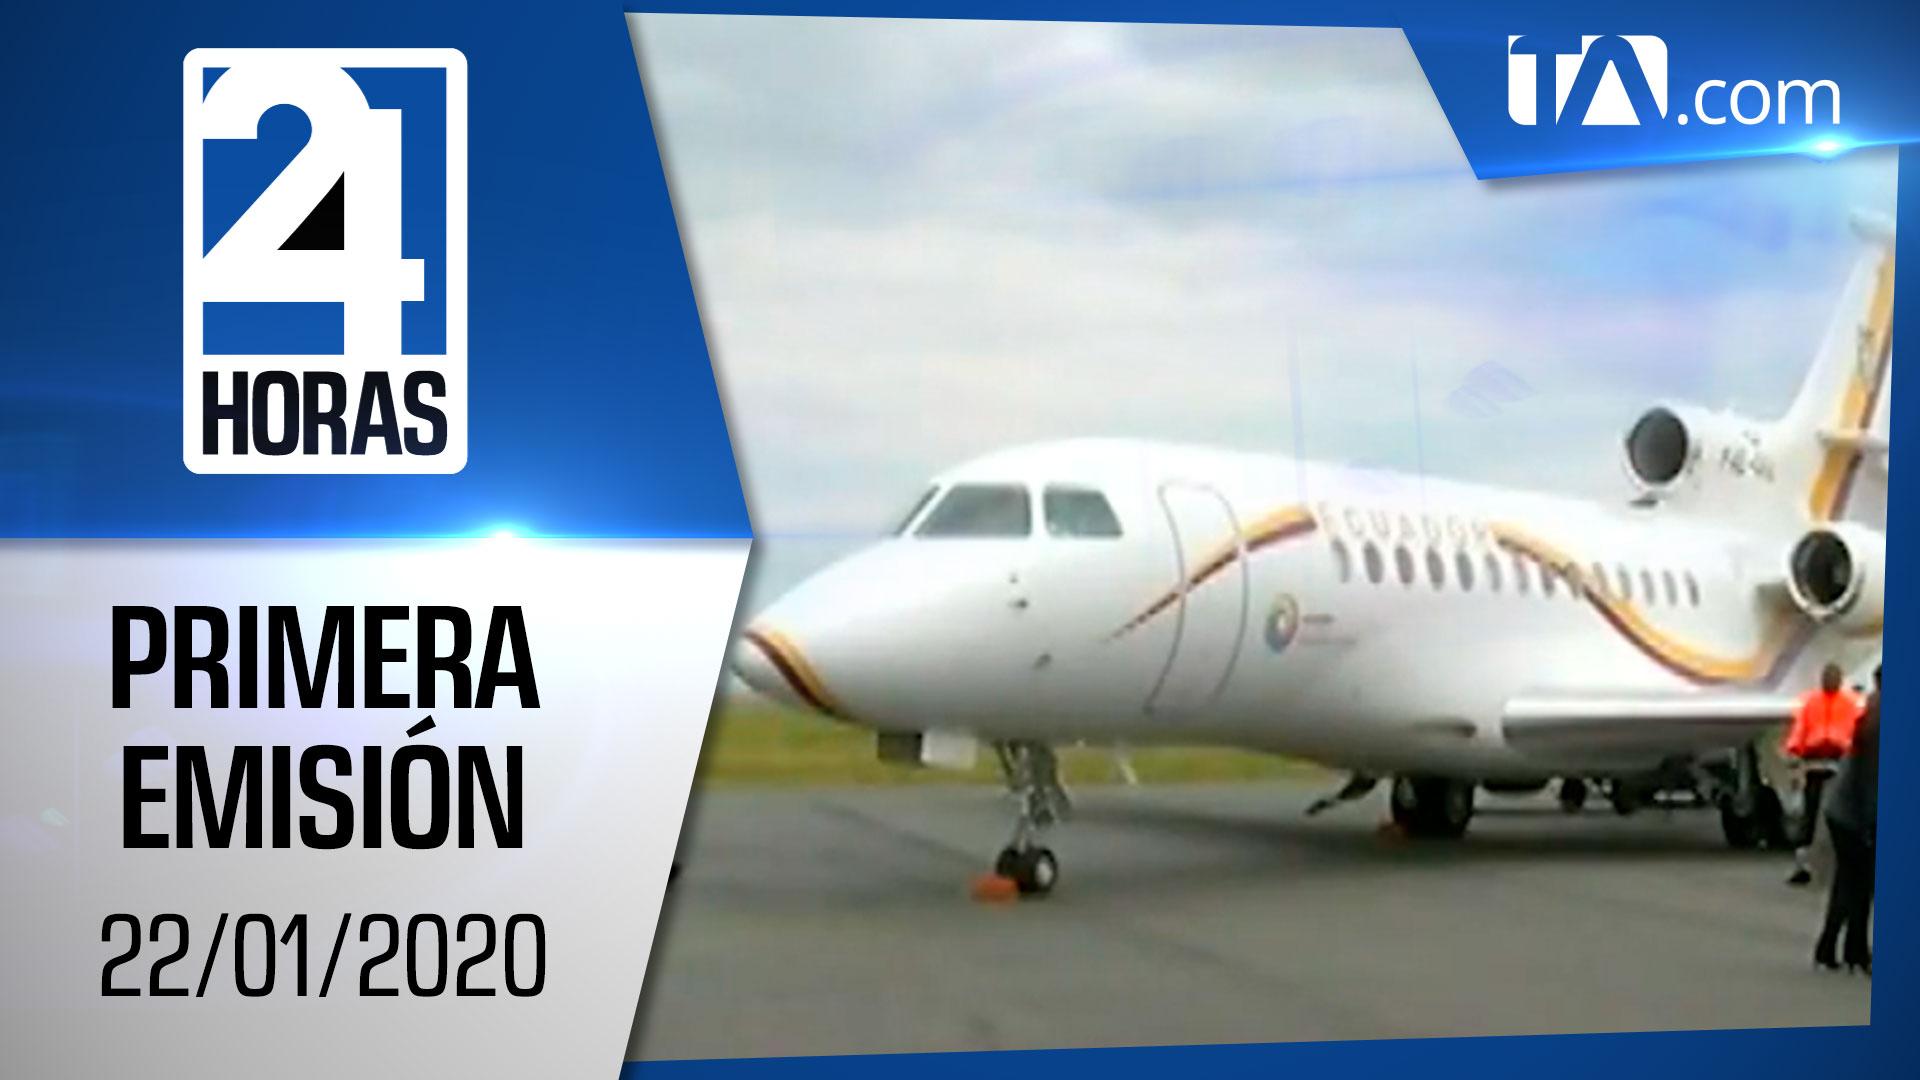 Noticias Ecuador : Noticiero 24 Horas 22/01/2021 (Primera Emisión)